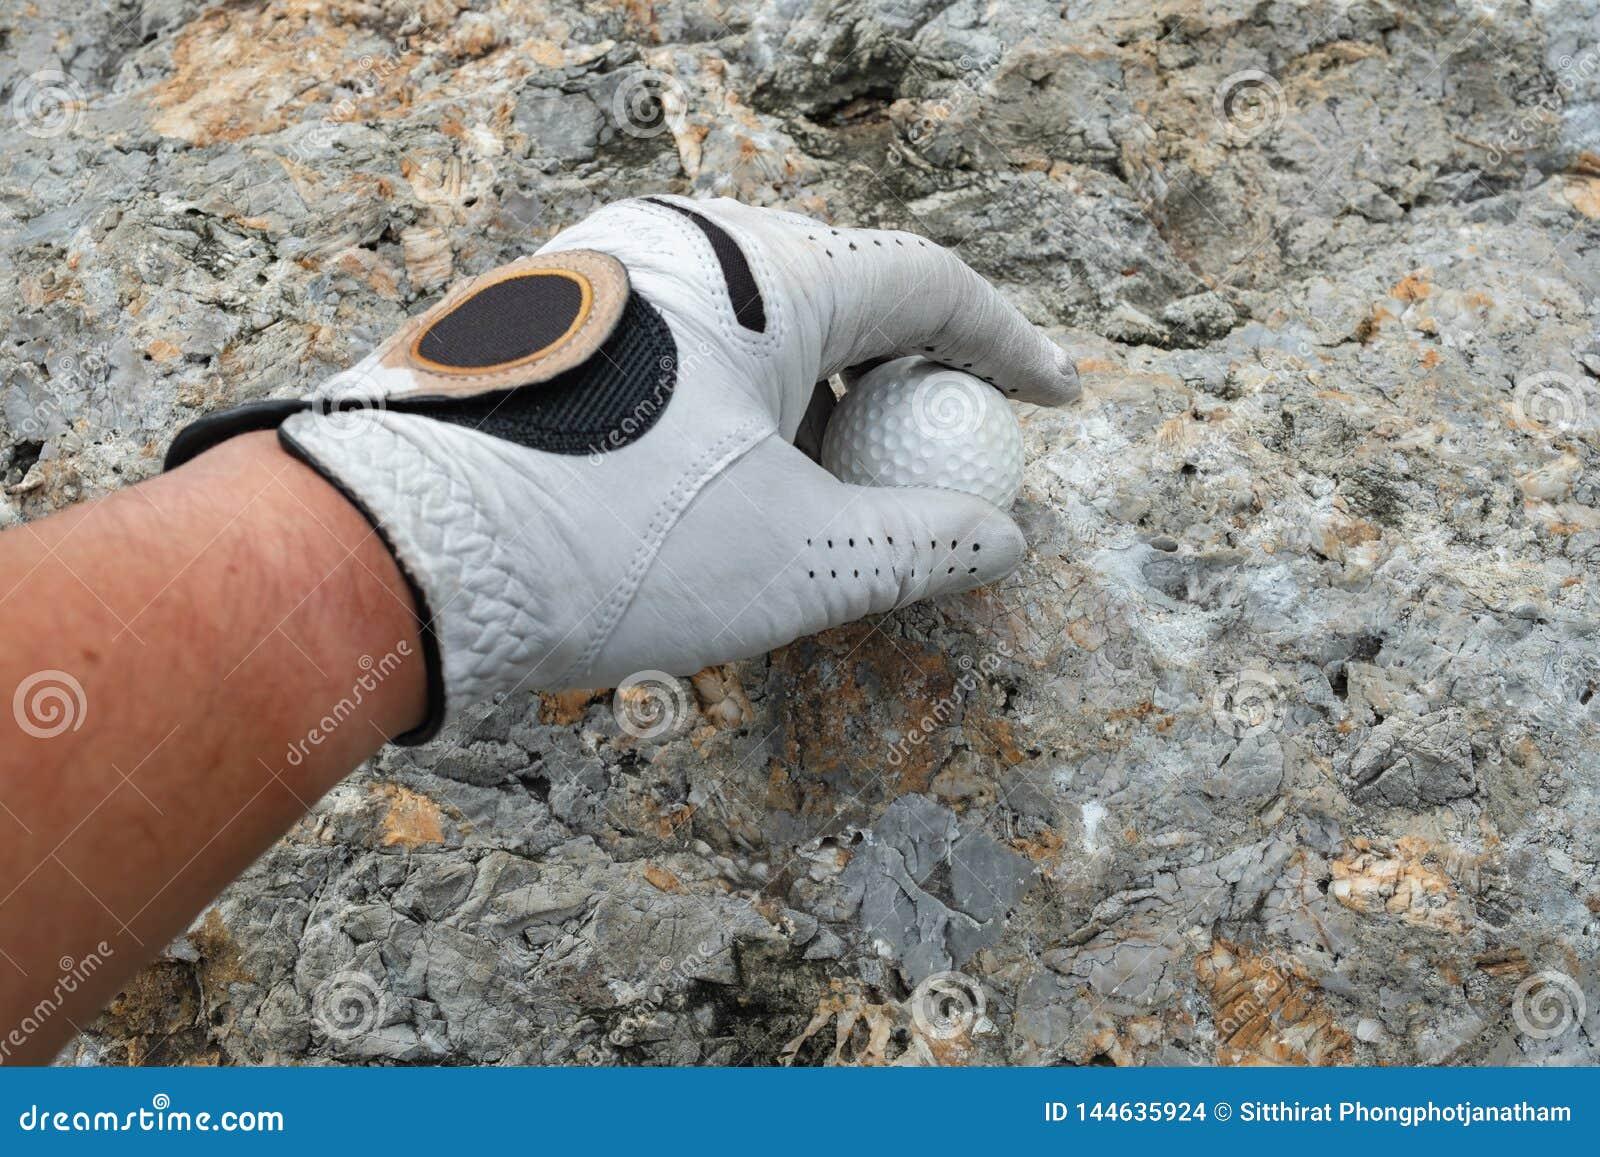 Heben Sie einen Golfball auf Felsen auf